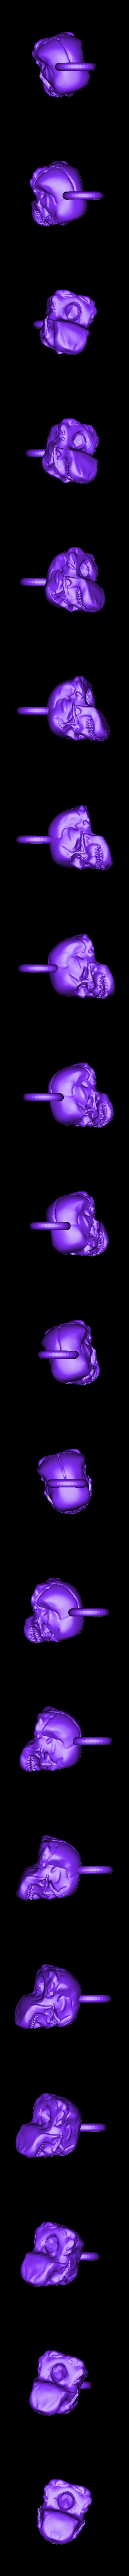 crystal skull.stl Télécharger fichier STL gratuit Charme du crâne de cristal • Modèle pour imprimante 3D, swivaller